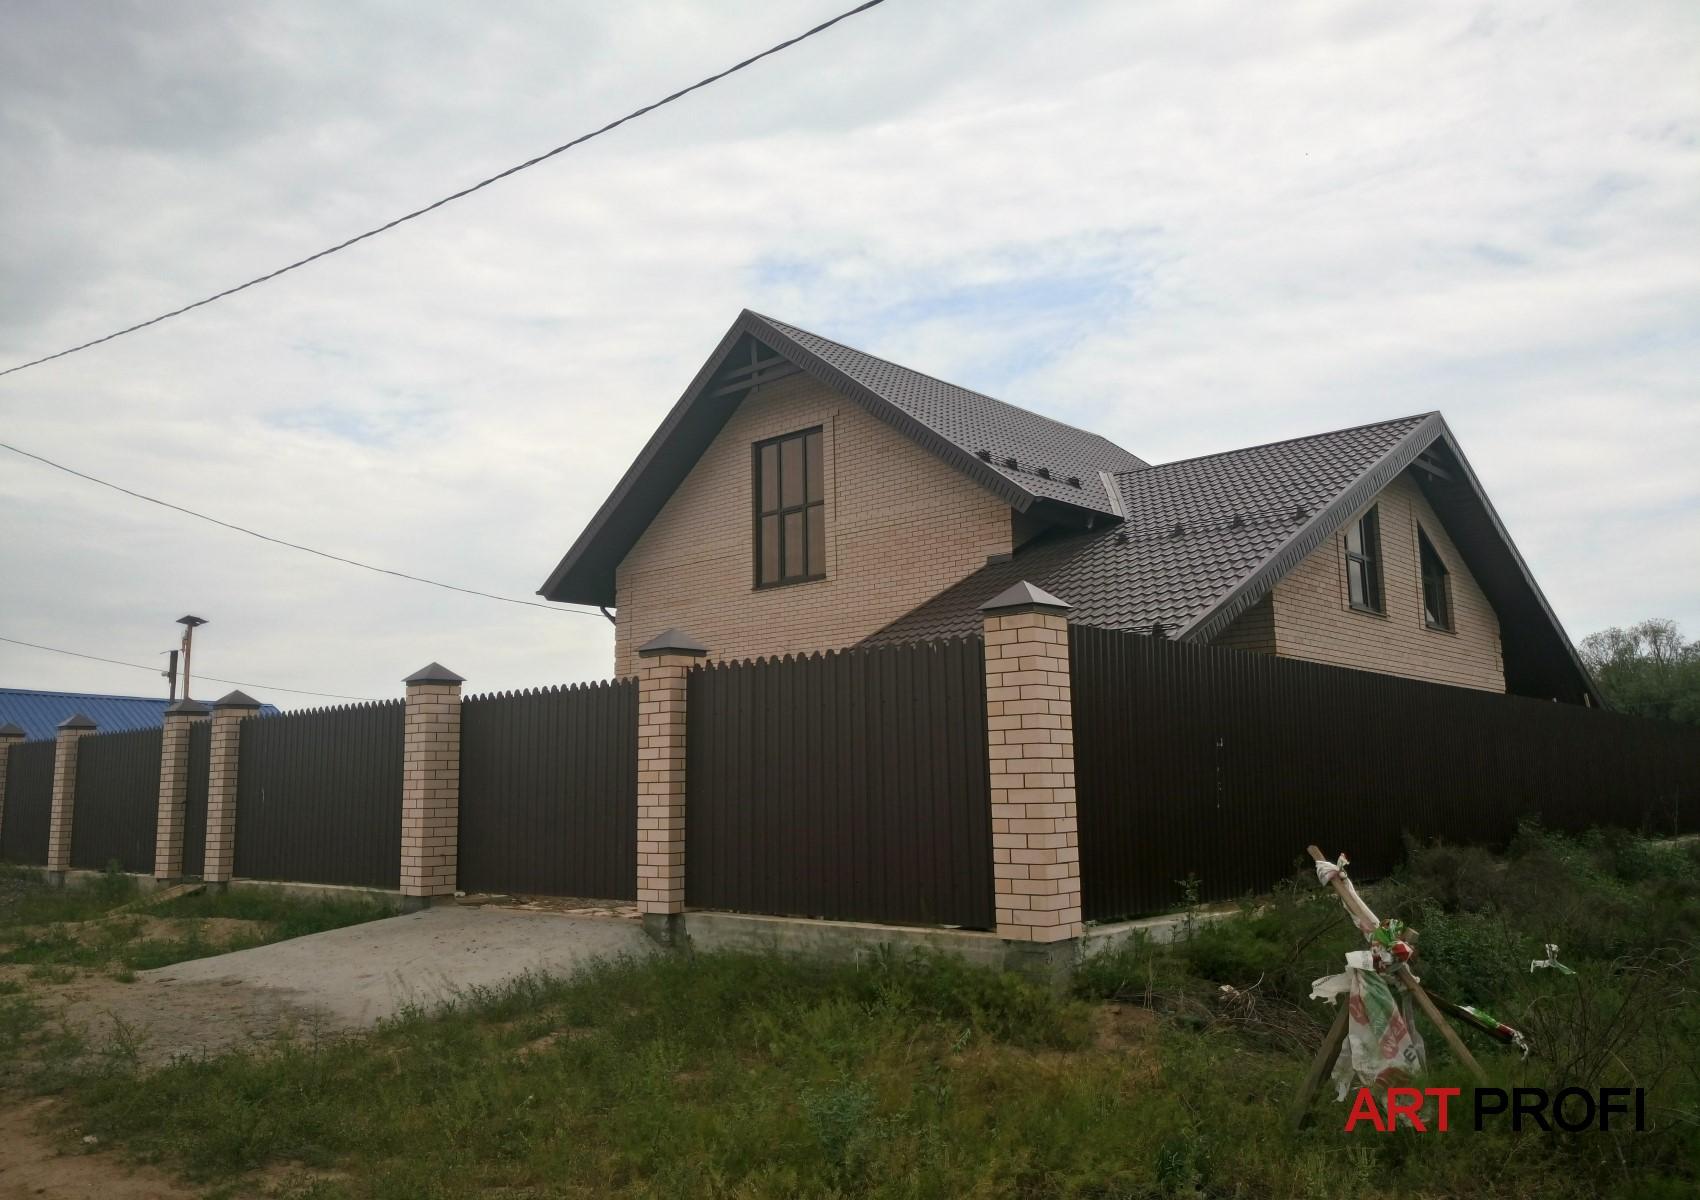 Строительство домов. Дом с двумя крышами.